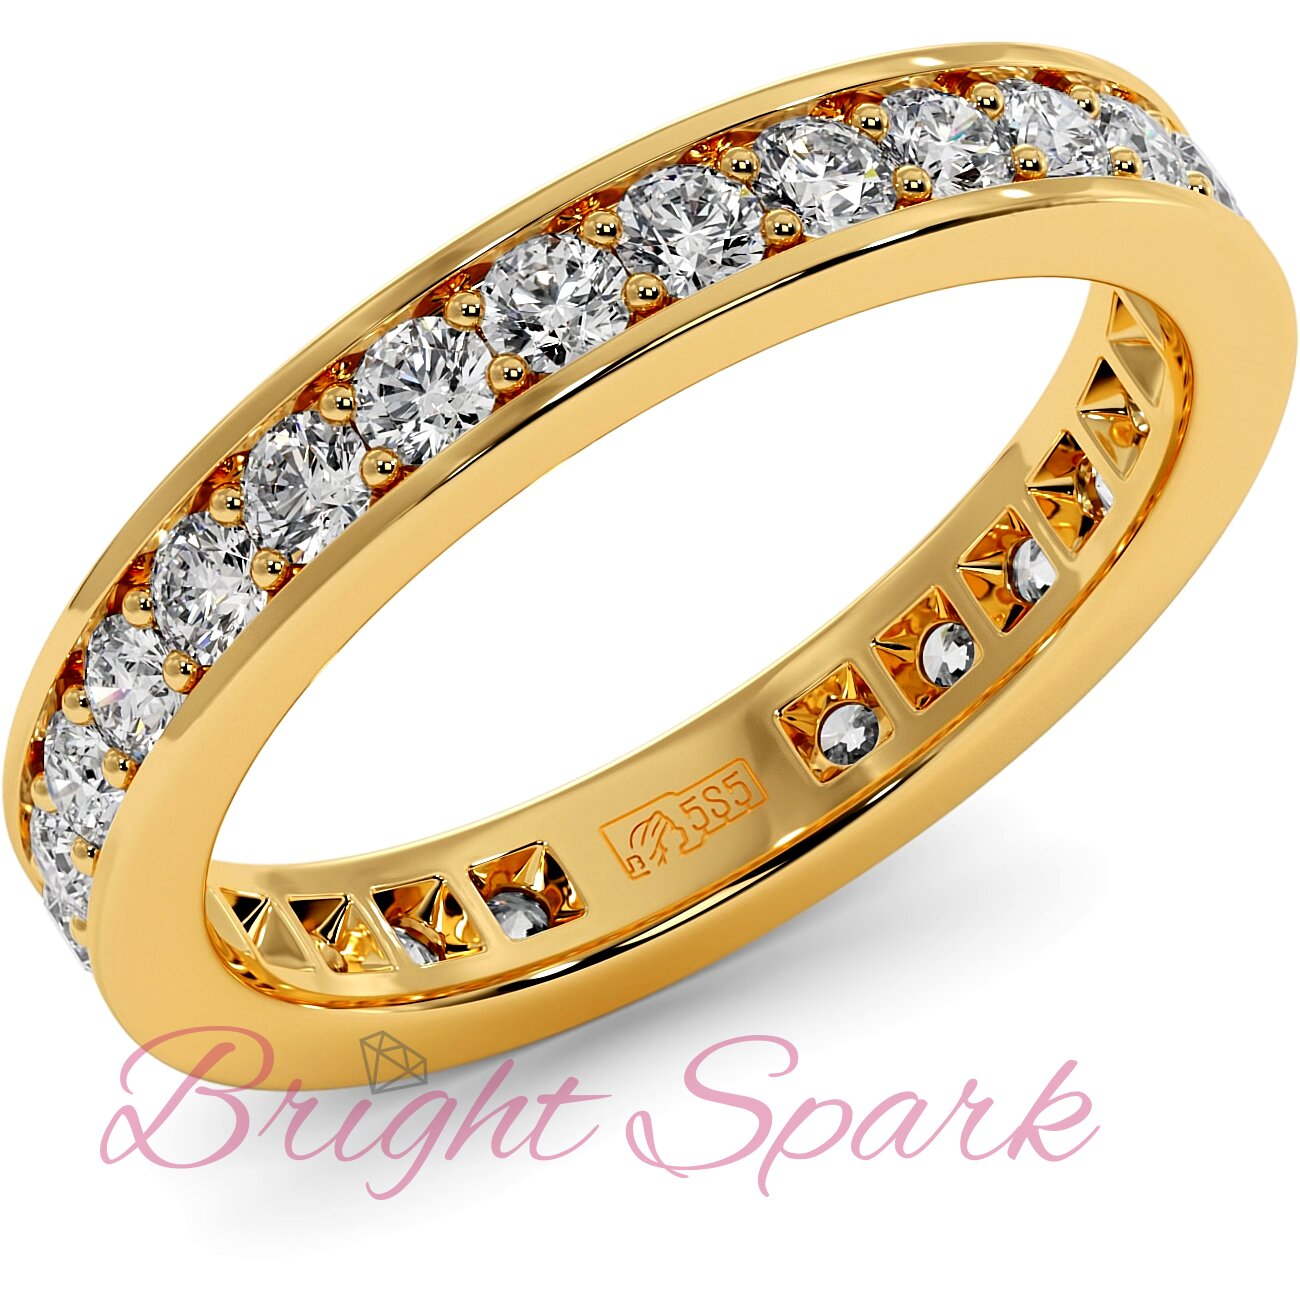 Обручальное кольцо желтого золота с дорожкой Helen 0,8 карата